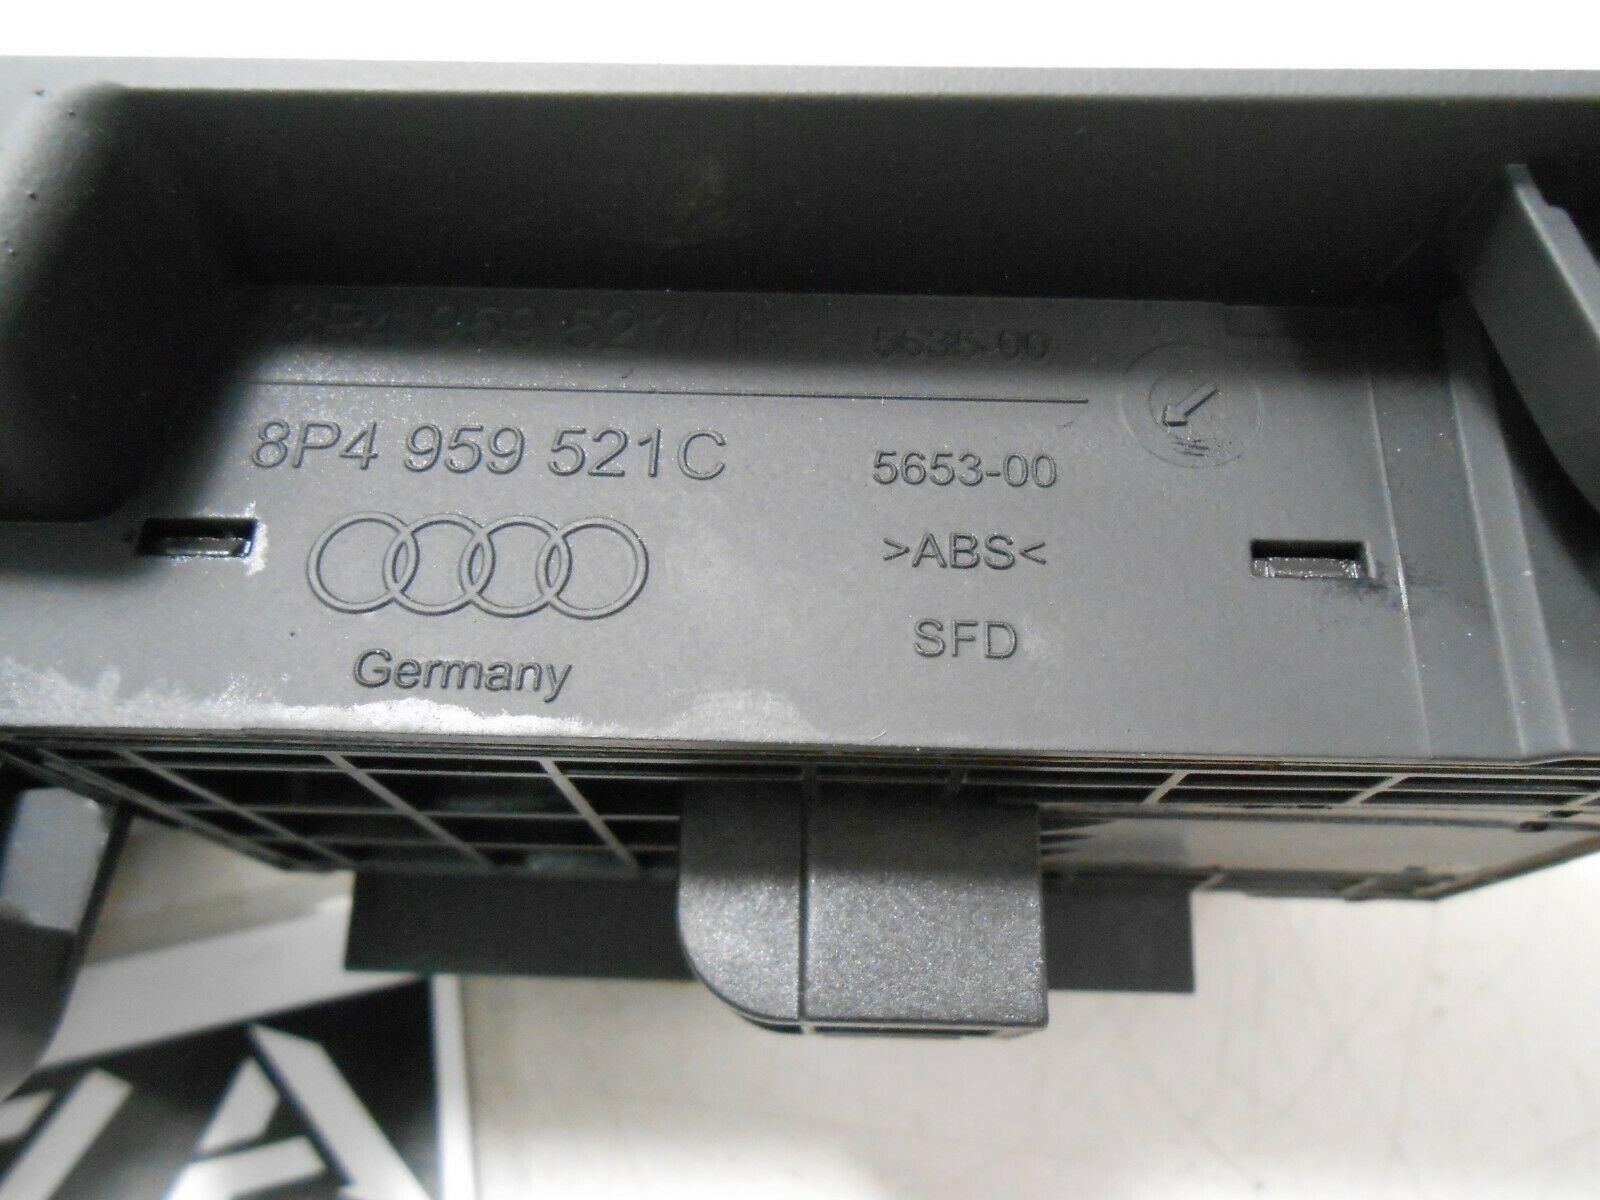 Pulsantiera-Alzacristalli-Sinistra-Audi-A3-8P-Sportback-2005-8P4959521C miniatura 9